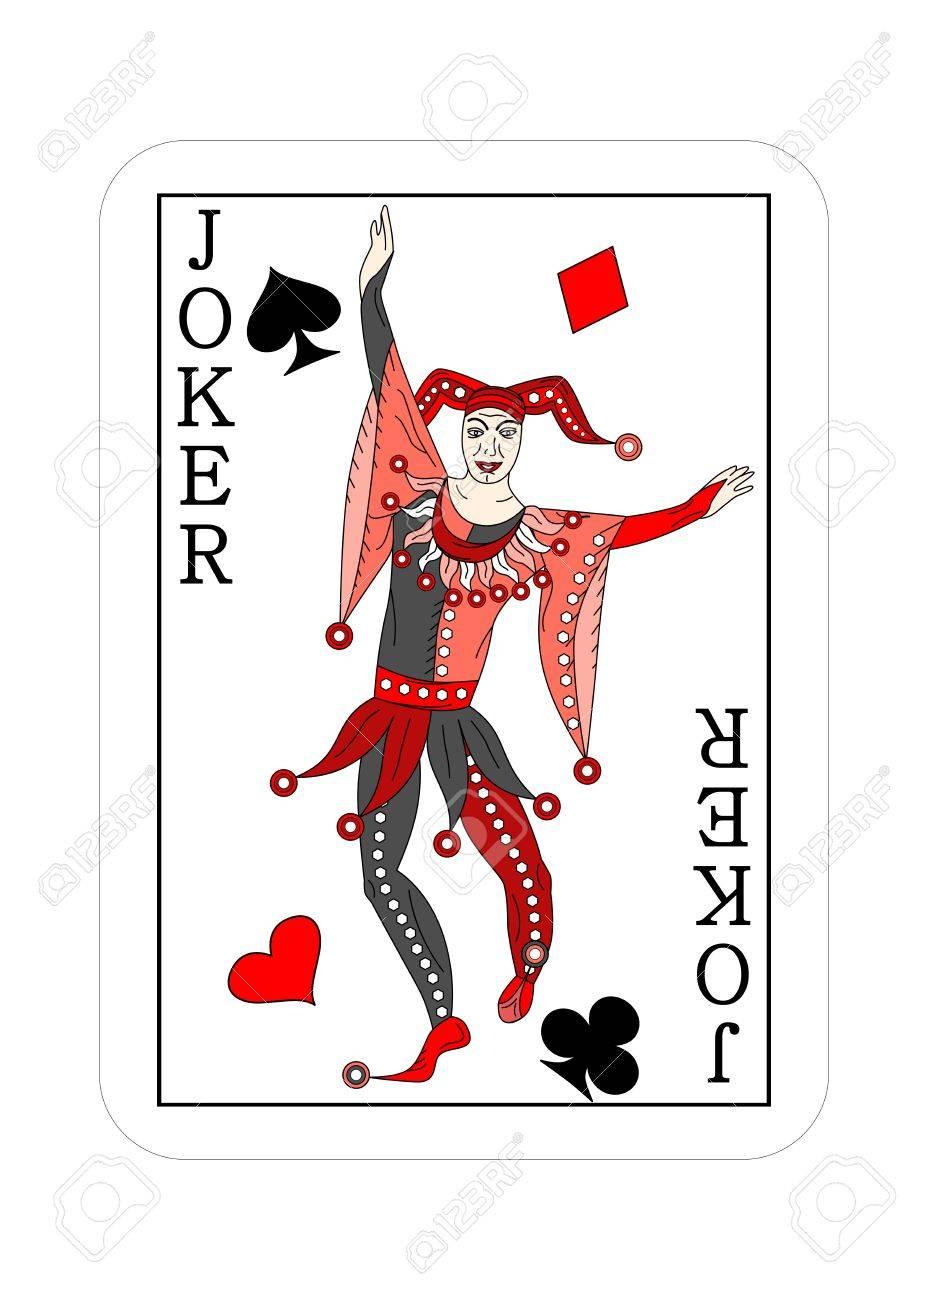 Halloween Joker Card.The Illustration Playing Card For Poker Joker